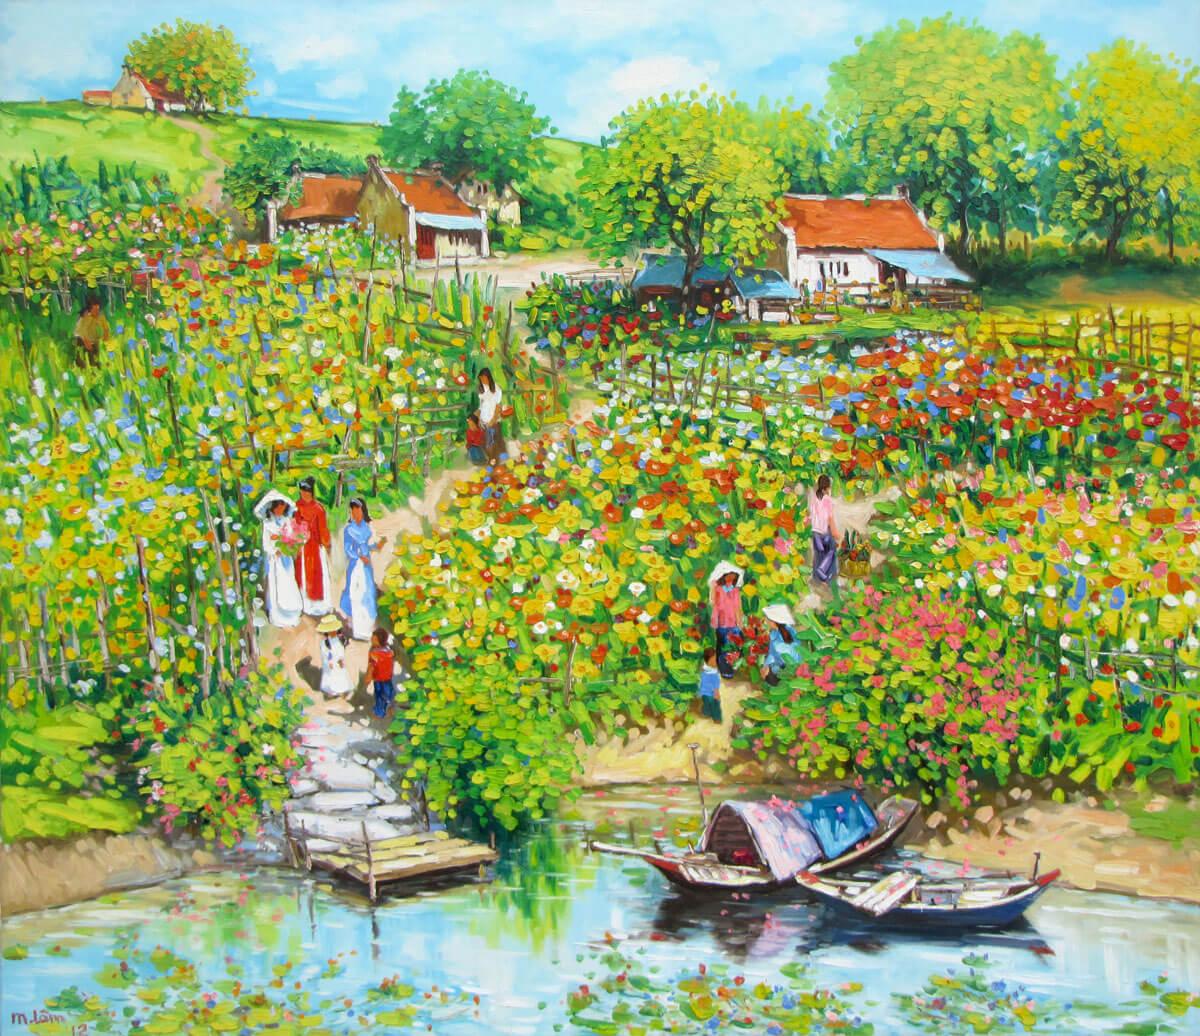 Flower garden by the river-Original Vietnamese Art